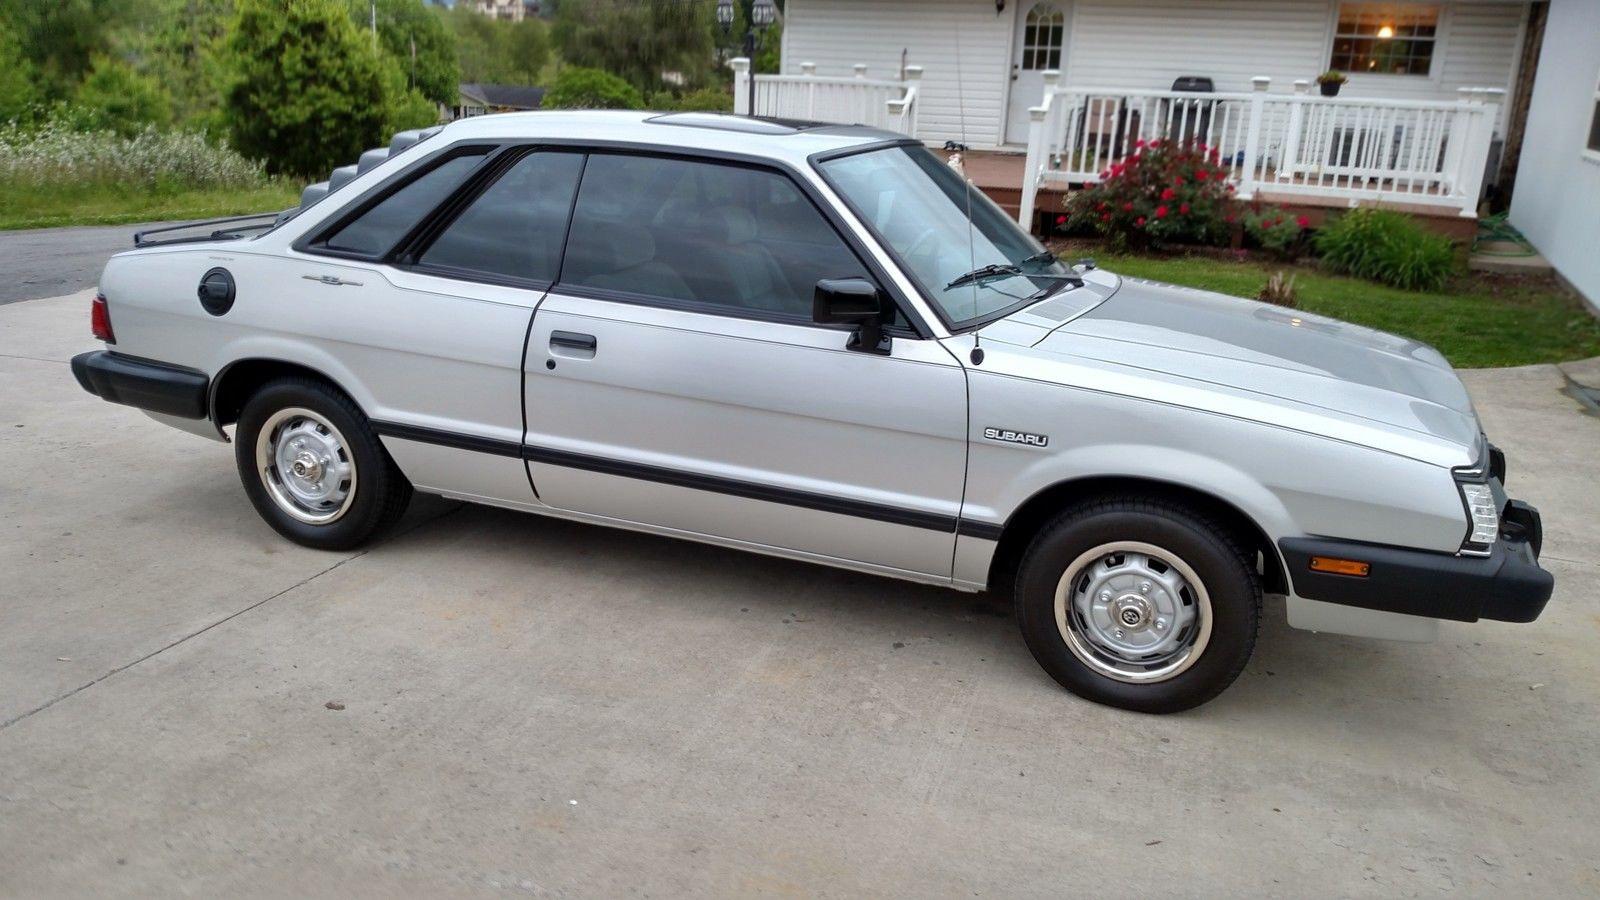 A Decade Too Late 1984 Subaru Gl 10 Coupe